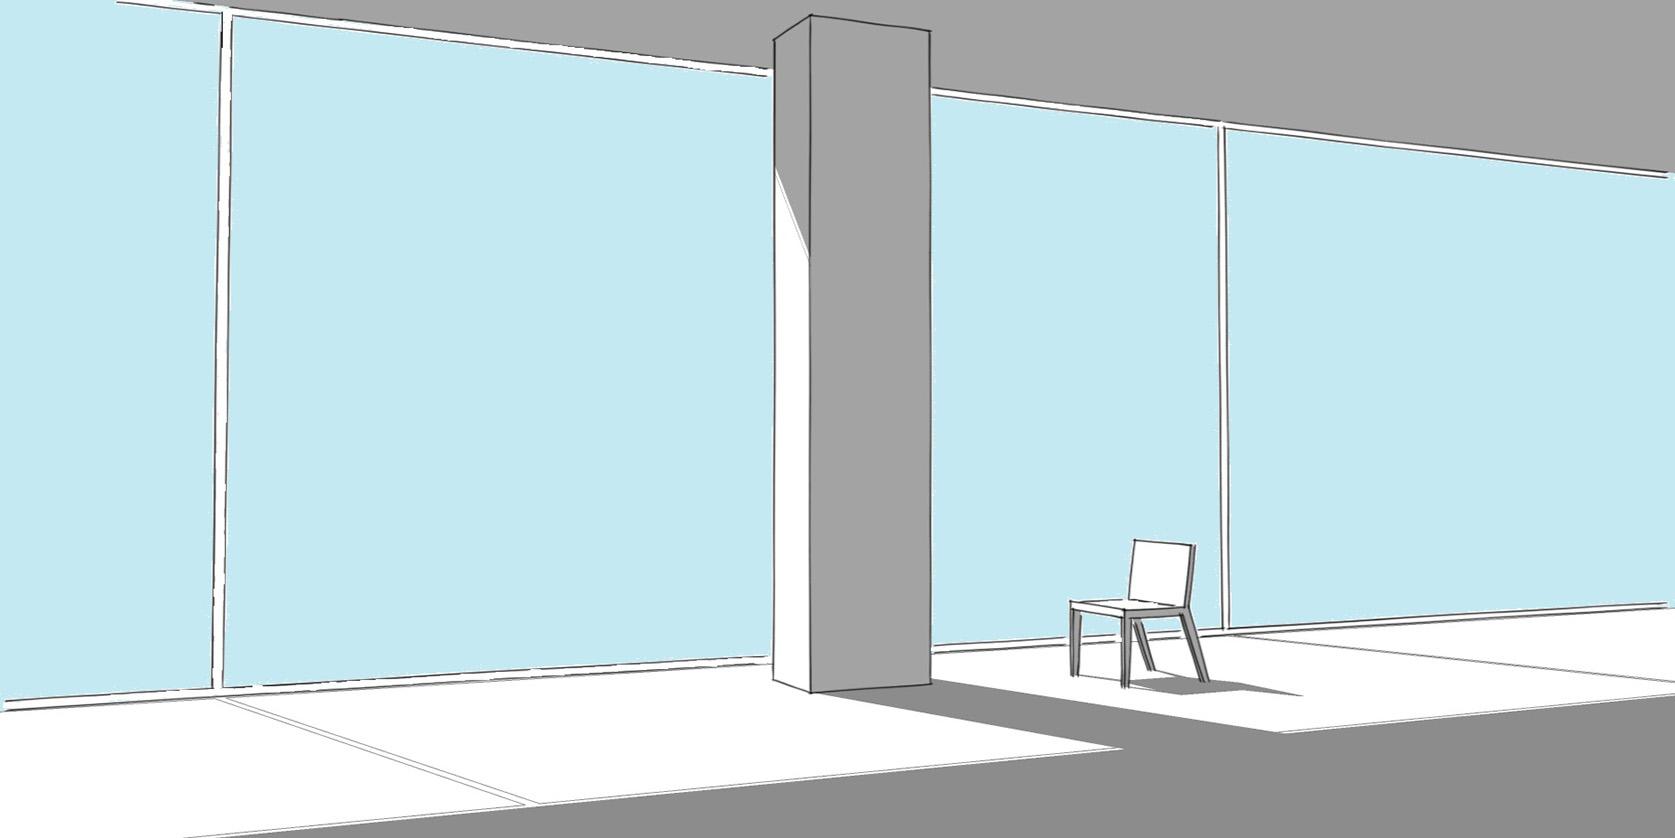 disegno di un pilastro e di una sedia che costeggiano una vetrata in una stanza priva di arredamento